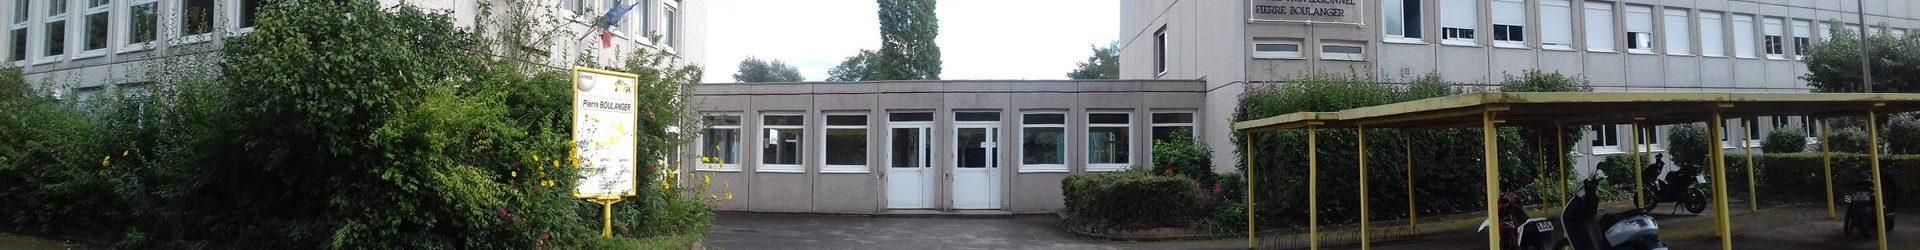 Lycée Pierre Boulanger